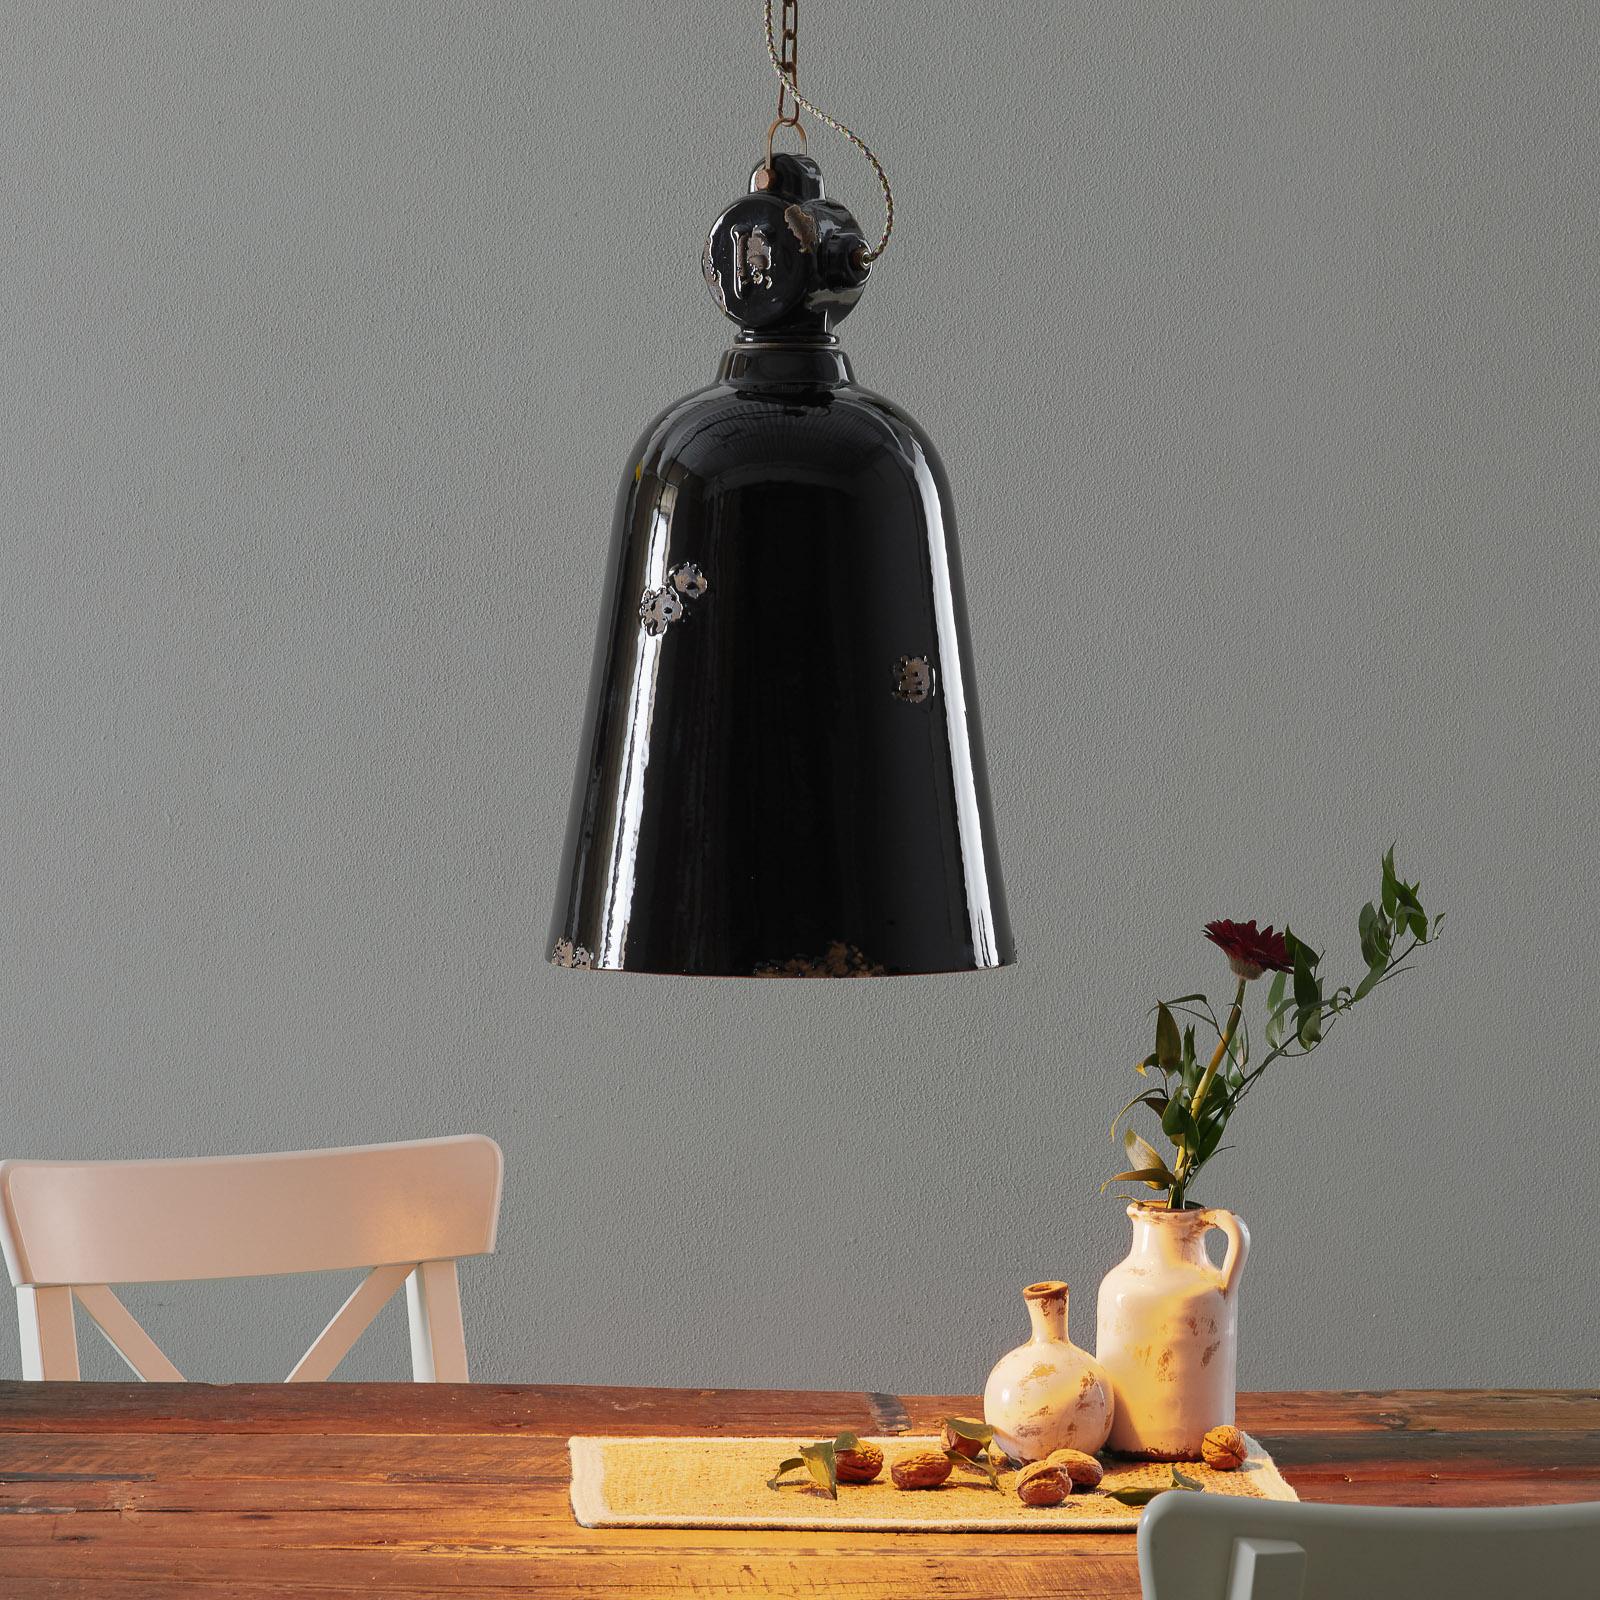 Suspension vintage C1745, conique, noire